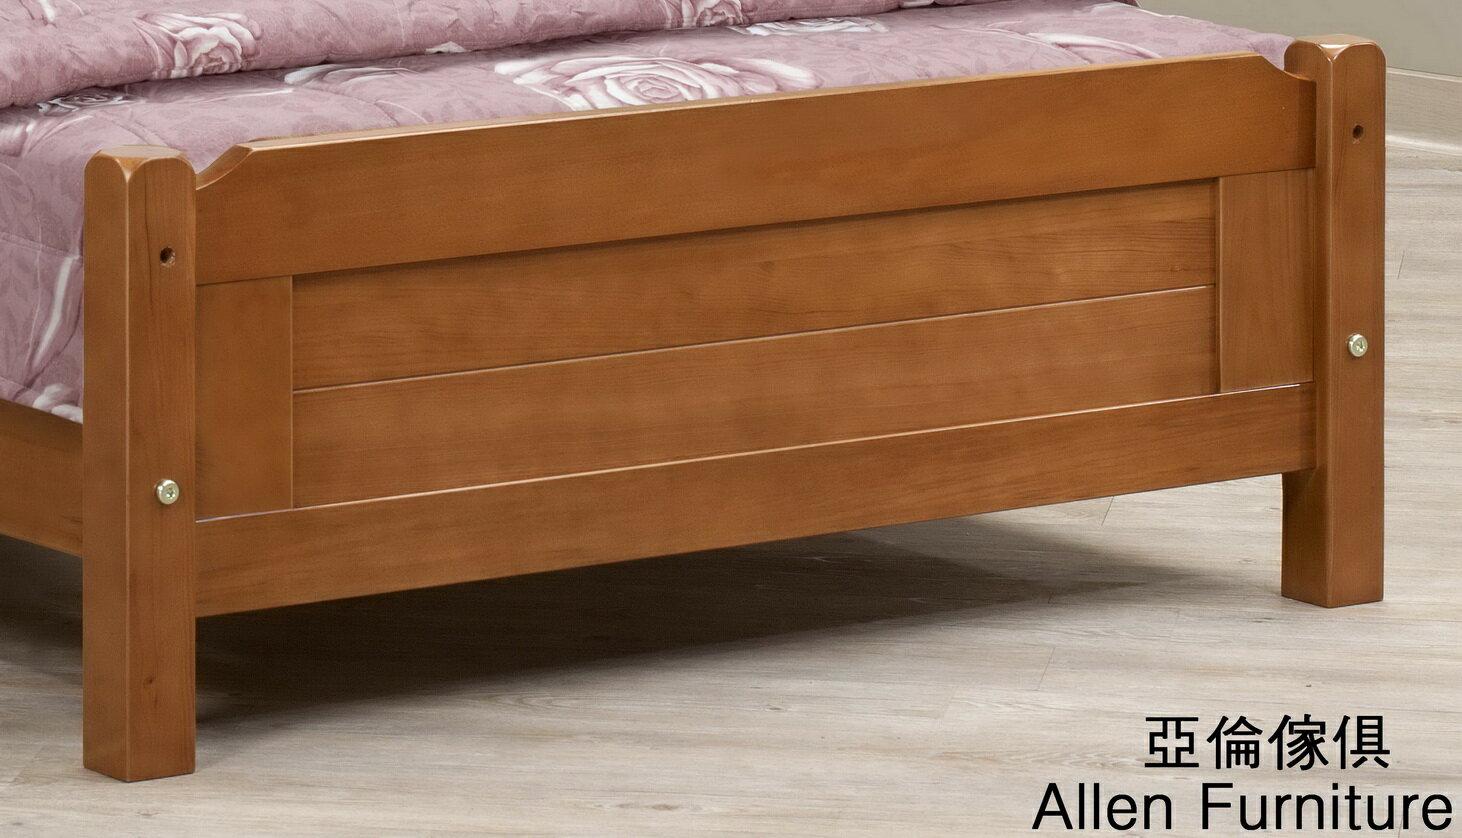 亞倫傢俱*愛莉潔兒檜木實木百葉單人床架 (樟木色) 2